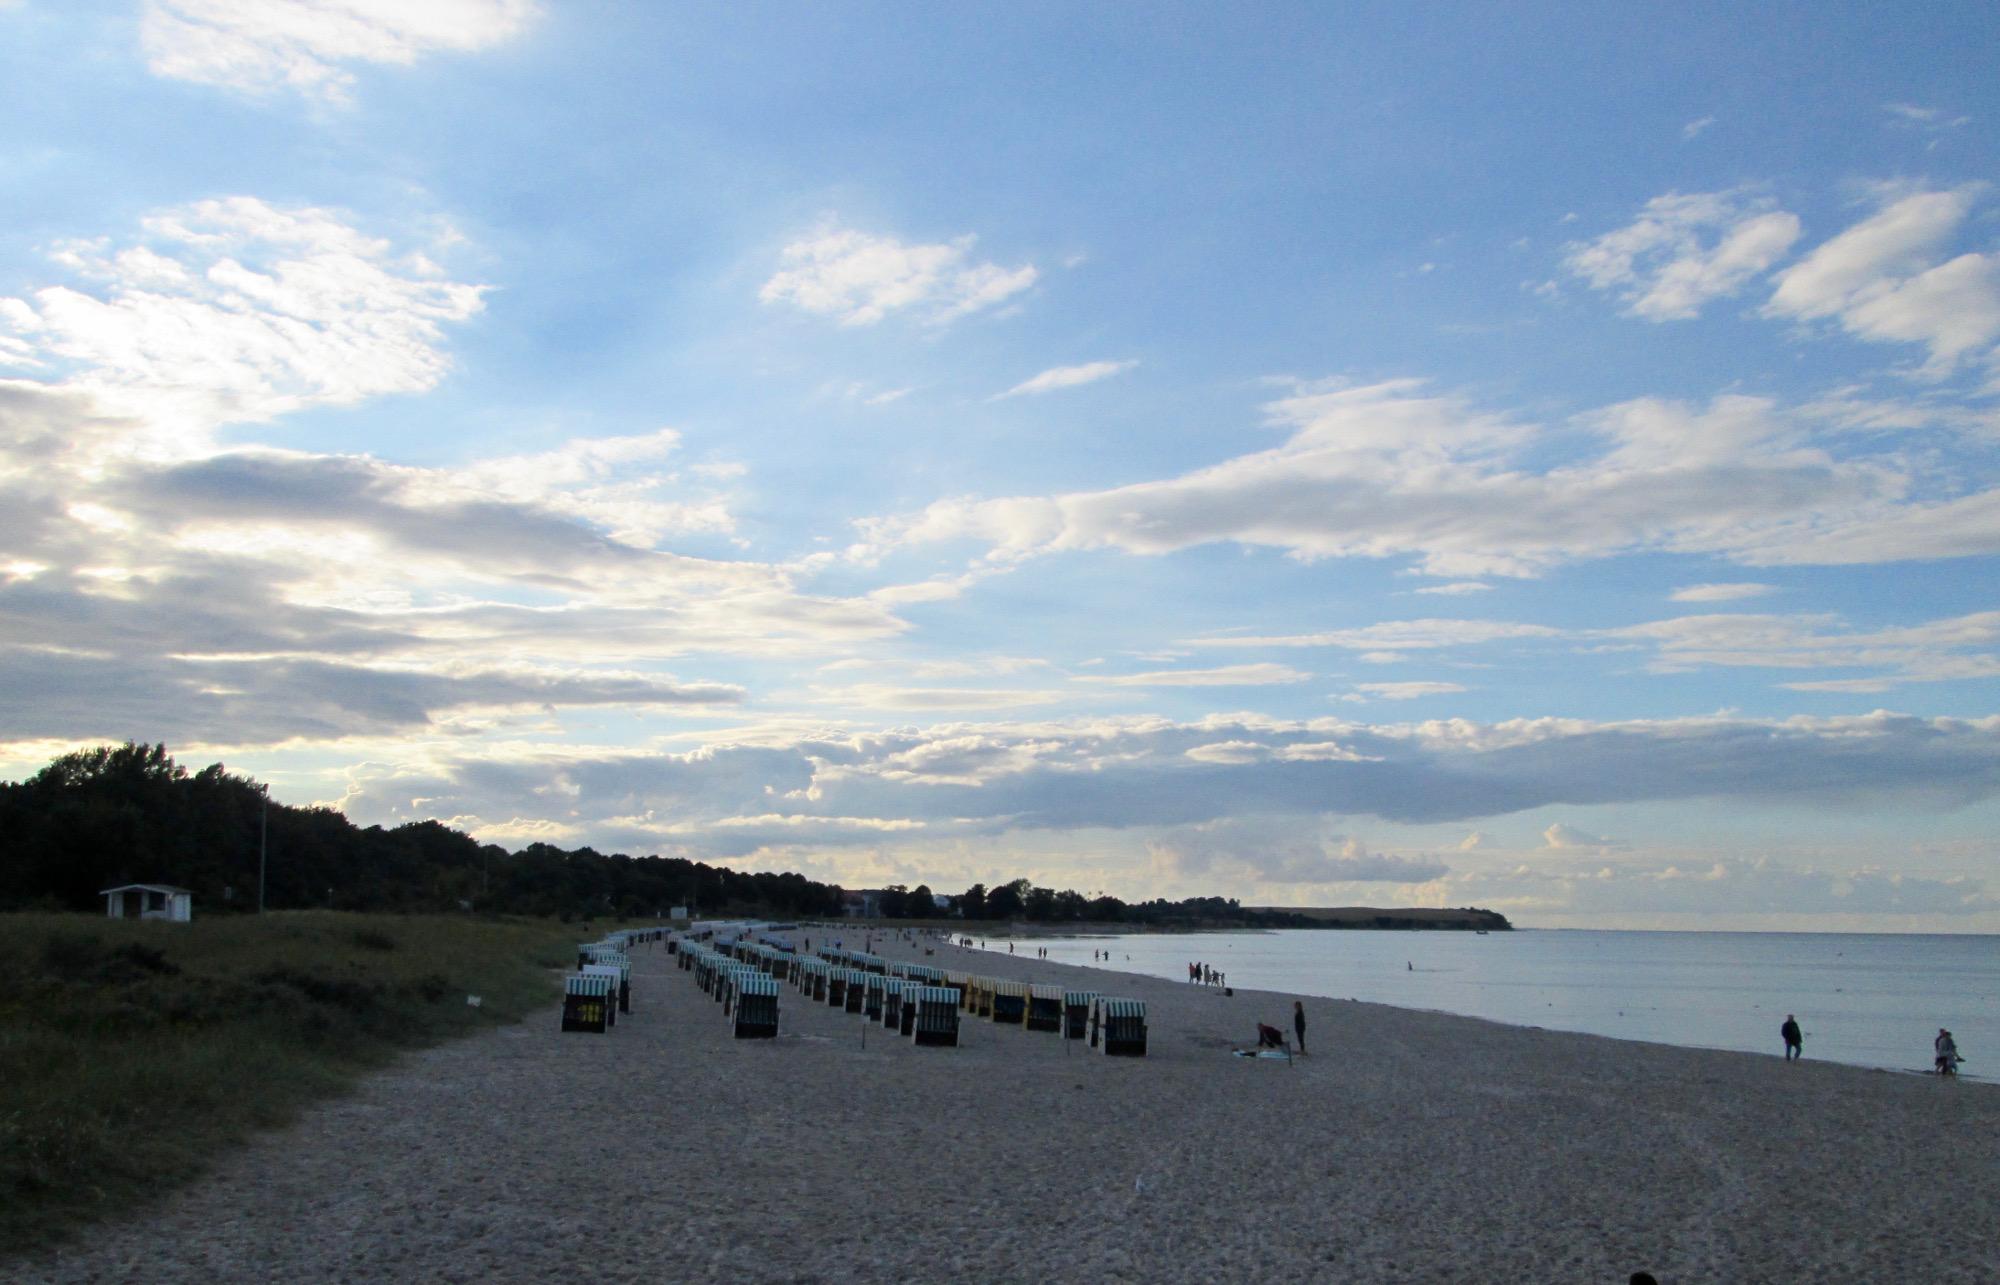 Abendstimmung am Strand in Boltenhagen mit Blick auf die Steilküste